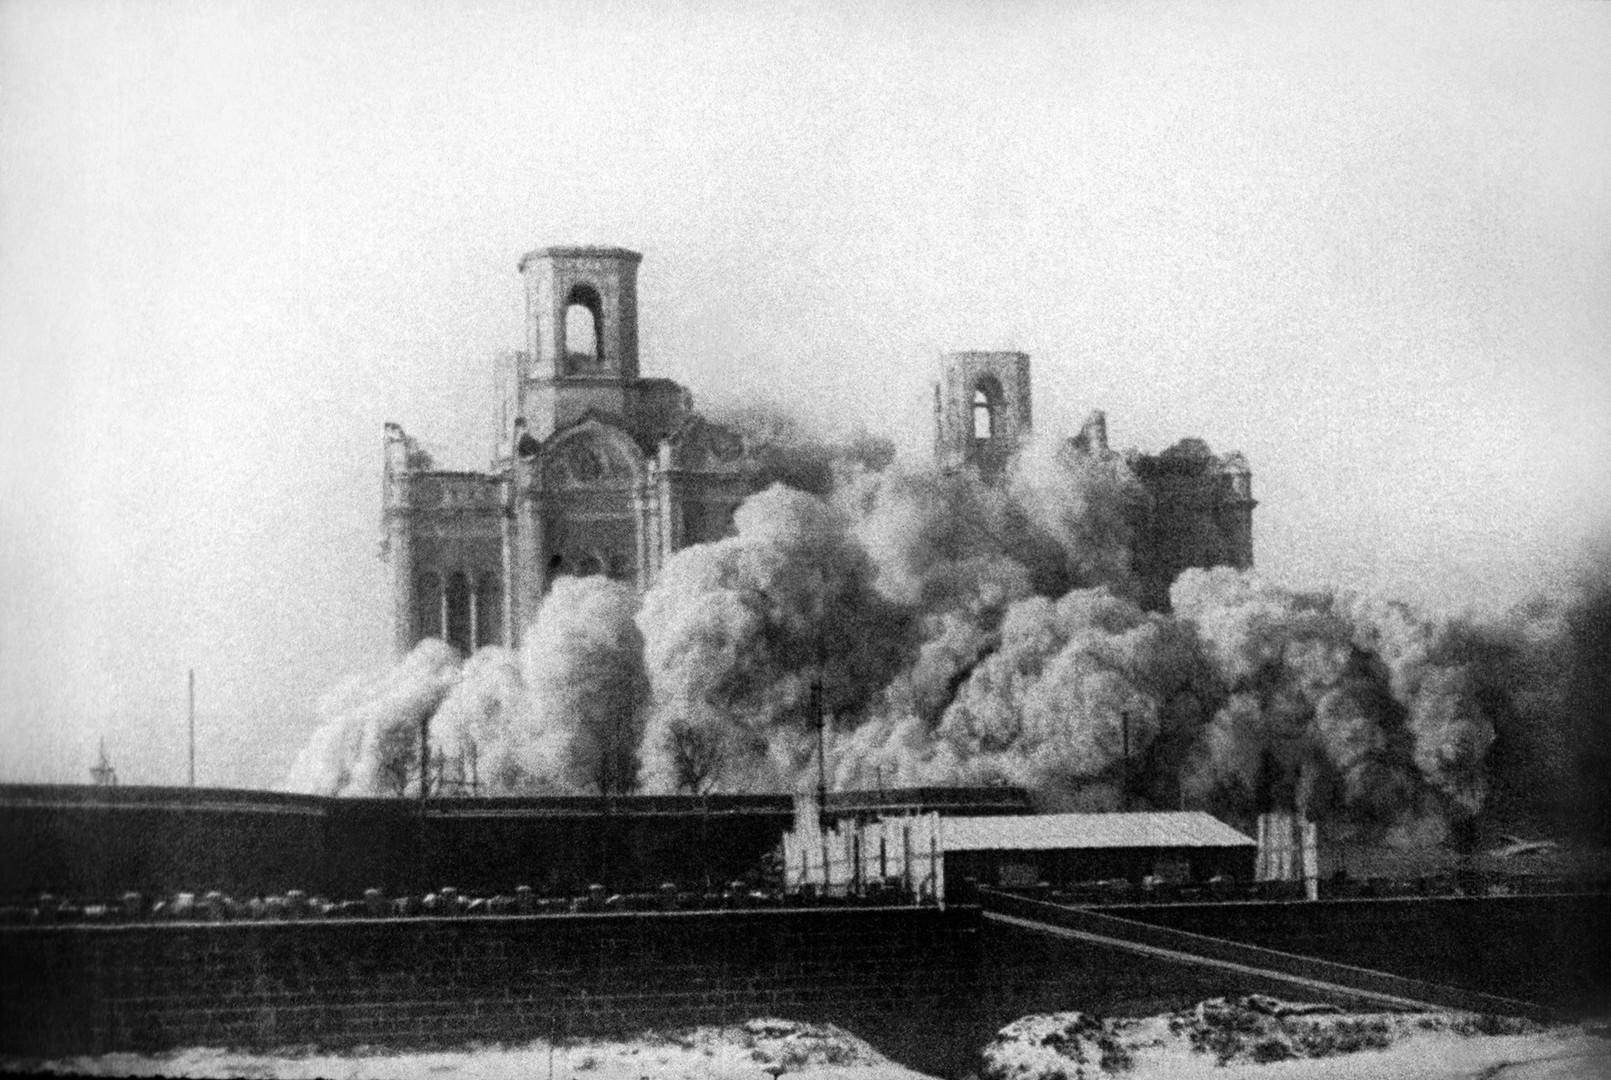 Die Bolschewiki sprengten die Christ-Erlöser-Kathedrale im Dezember 1931, um Platz für ihren letztlich niemals realisierten Rätepalast zu schaffen.